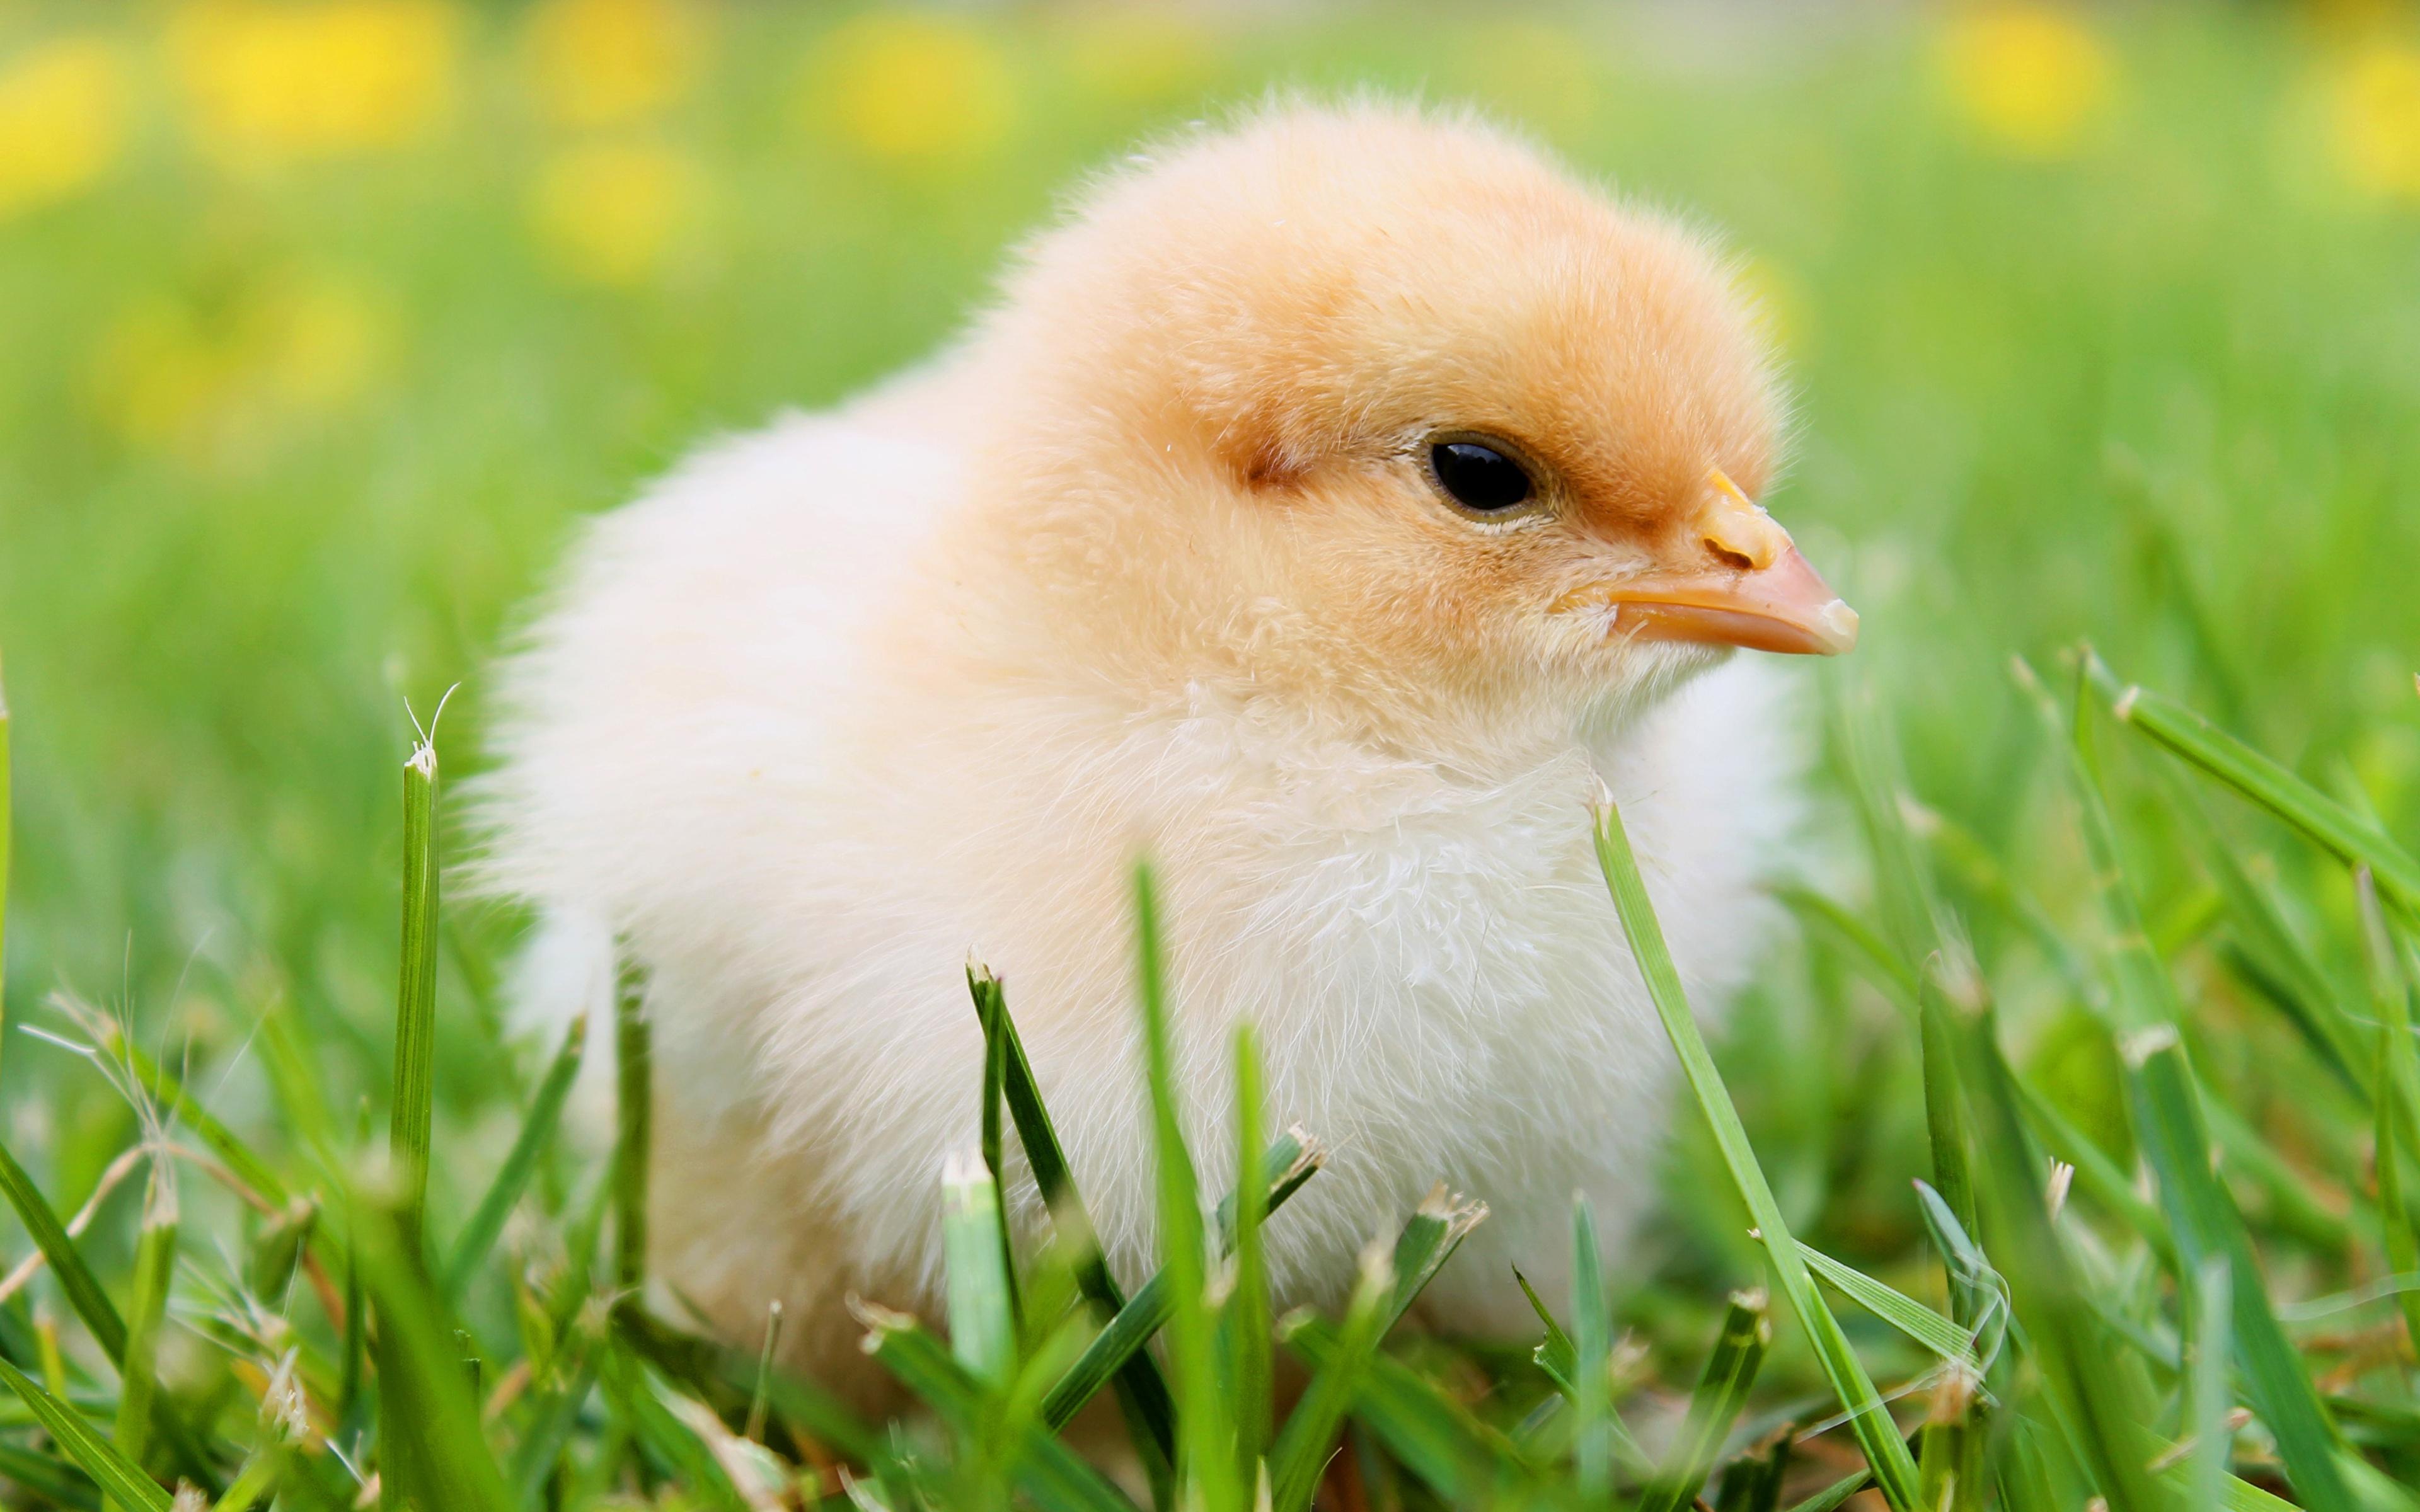 Картинки Птенец курицы Трава вблизи животное 3840x2400 Цыплята траве Животные Крупным планом